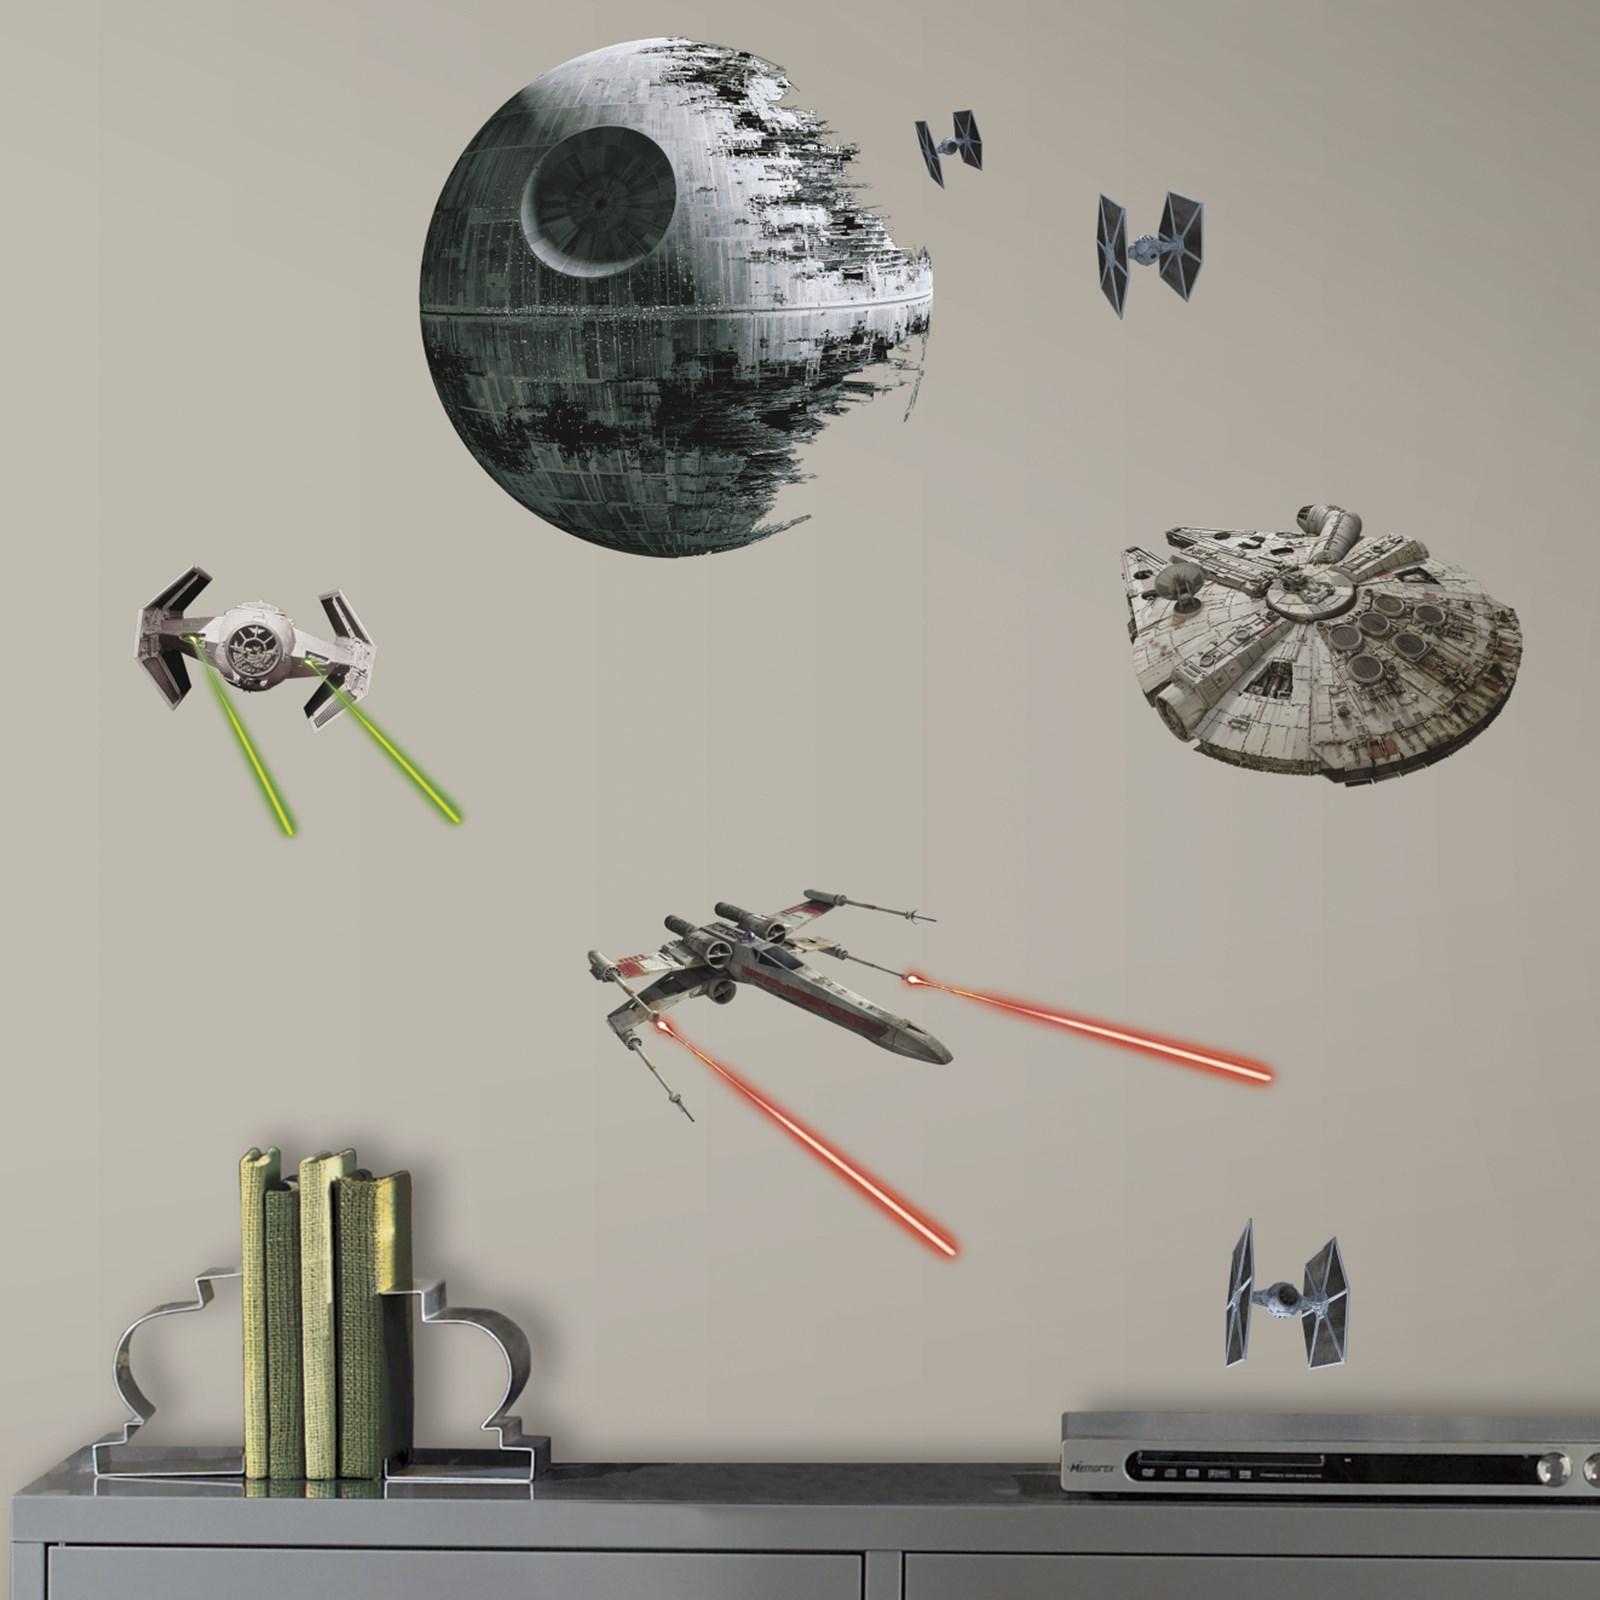 star wars 7 the force awakens spaceships peel and stick wall star wars 7 the force awakens spaceships peel and stick wall decals